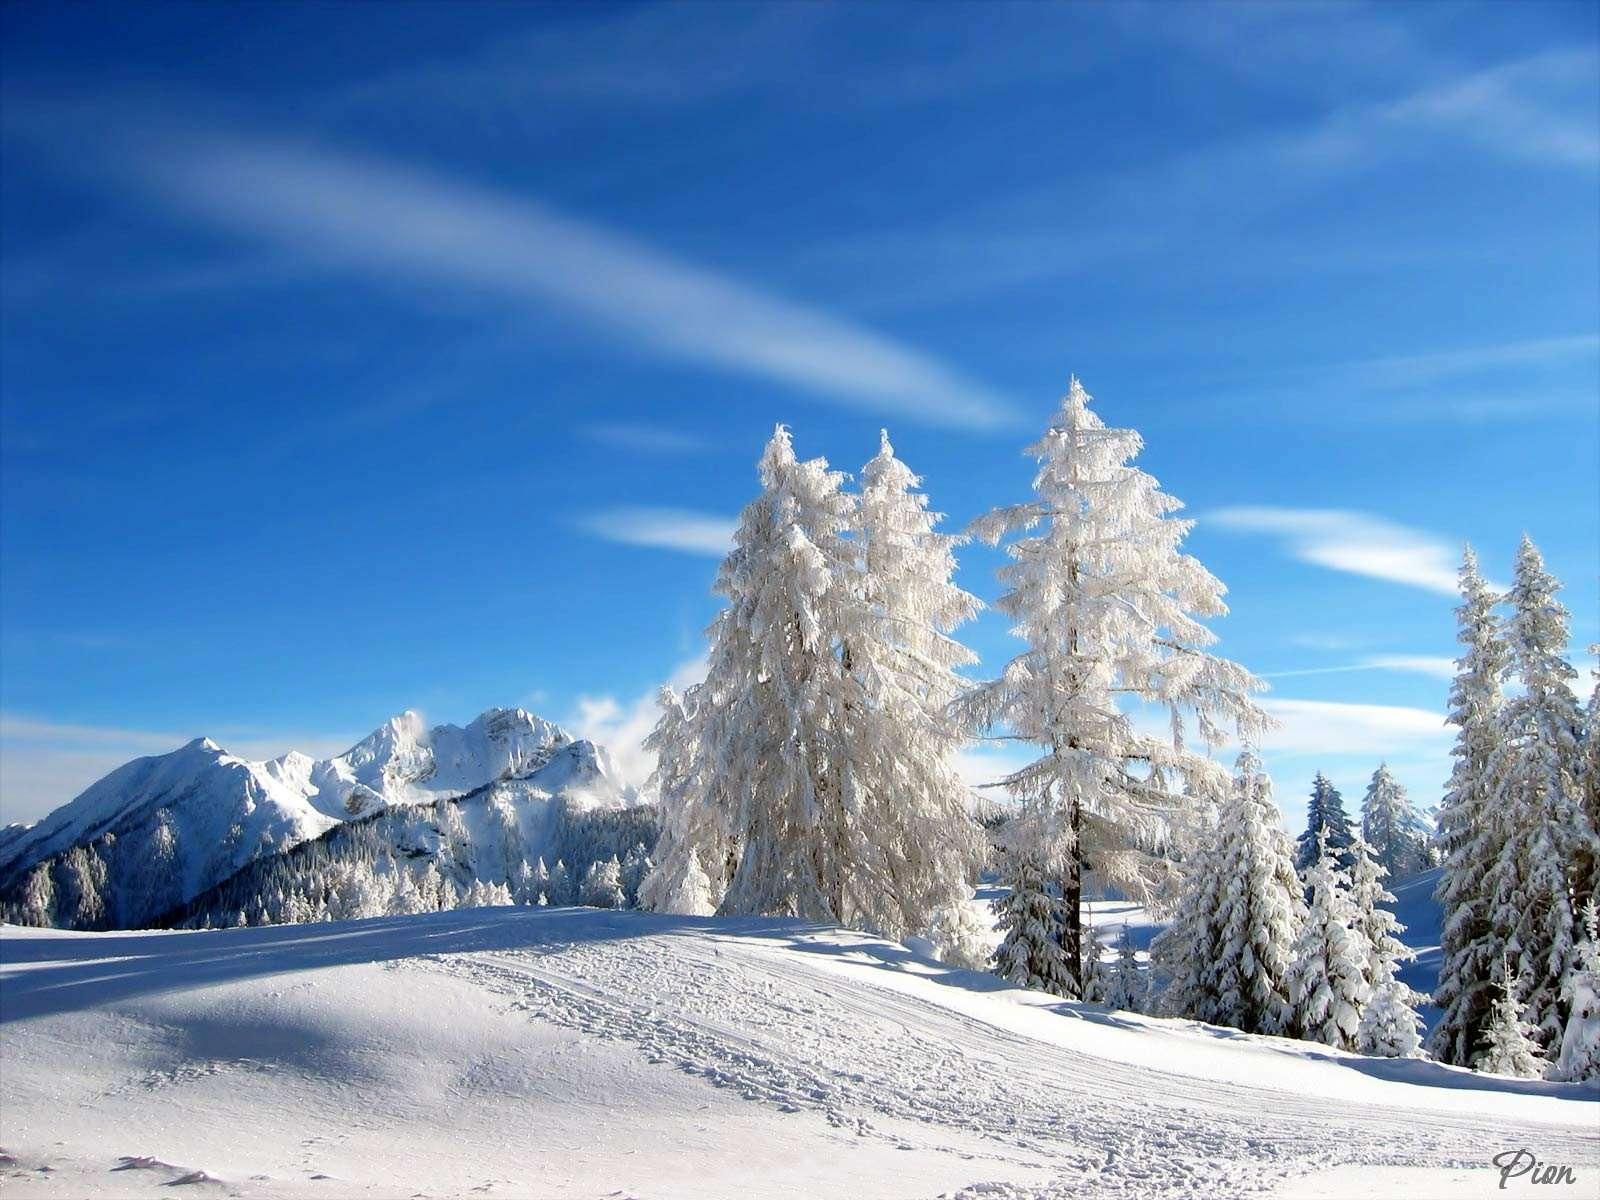 Снег, деревья, зима, скачать фото, обои